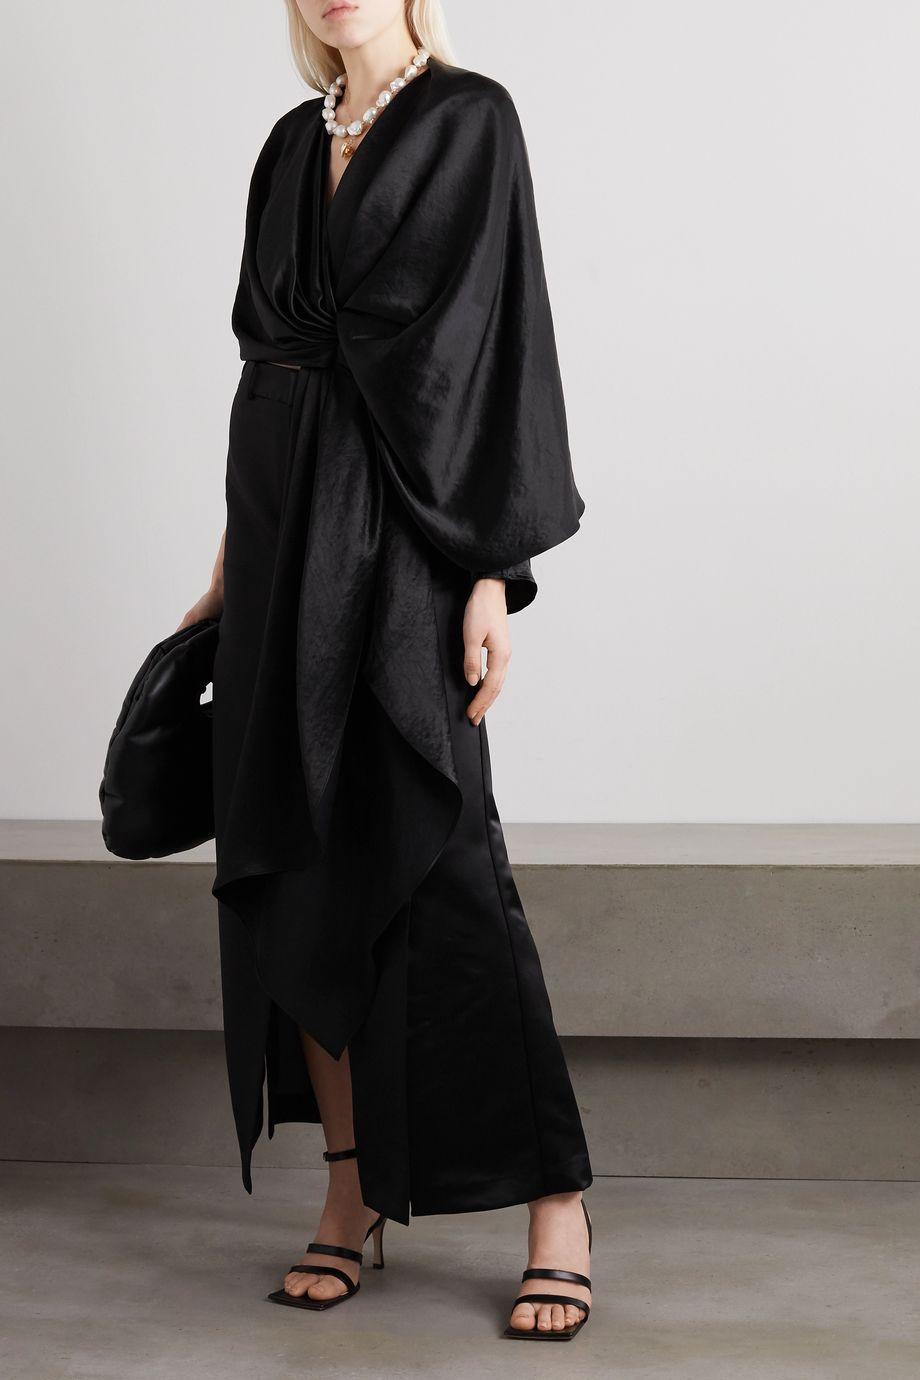 A.W.A.K.E. MODE Duchesse-satin maxi skirt